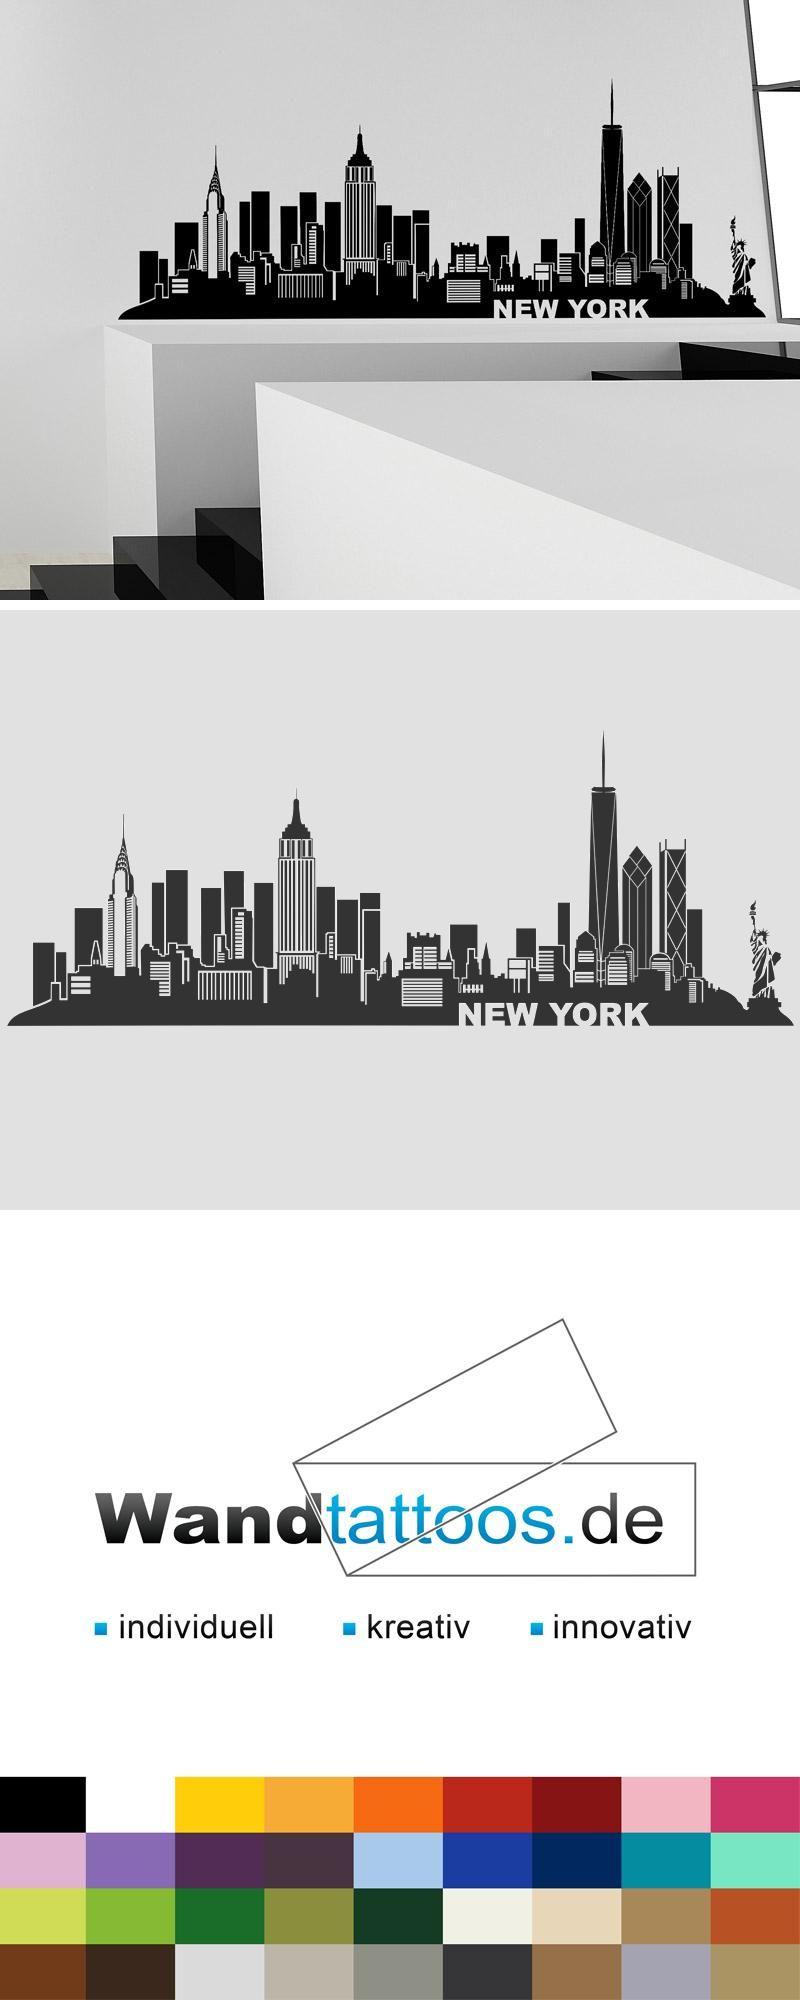 Verführerisch Wandtattoo Köln Referenz Von New York Skyline 1 Als Idee Zur